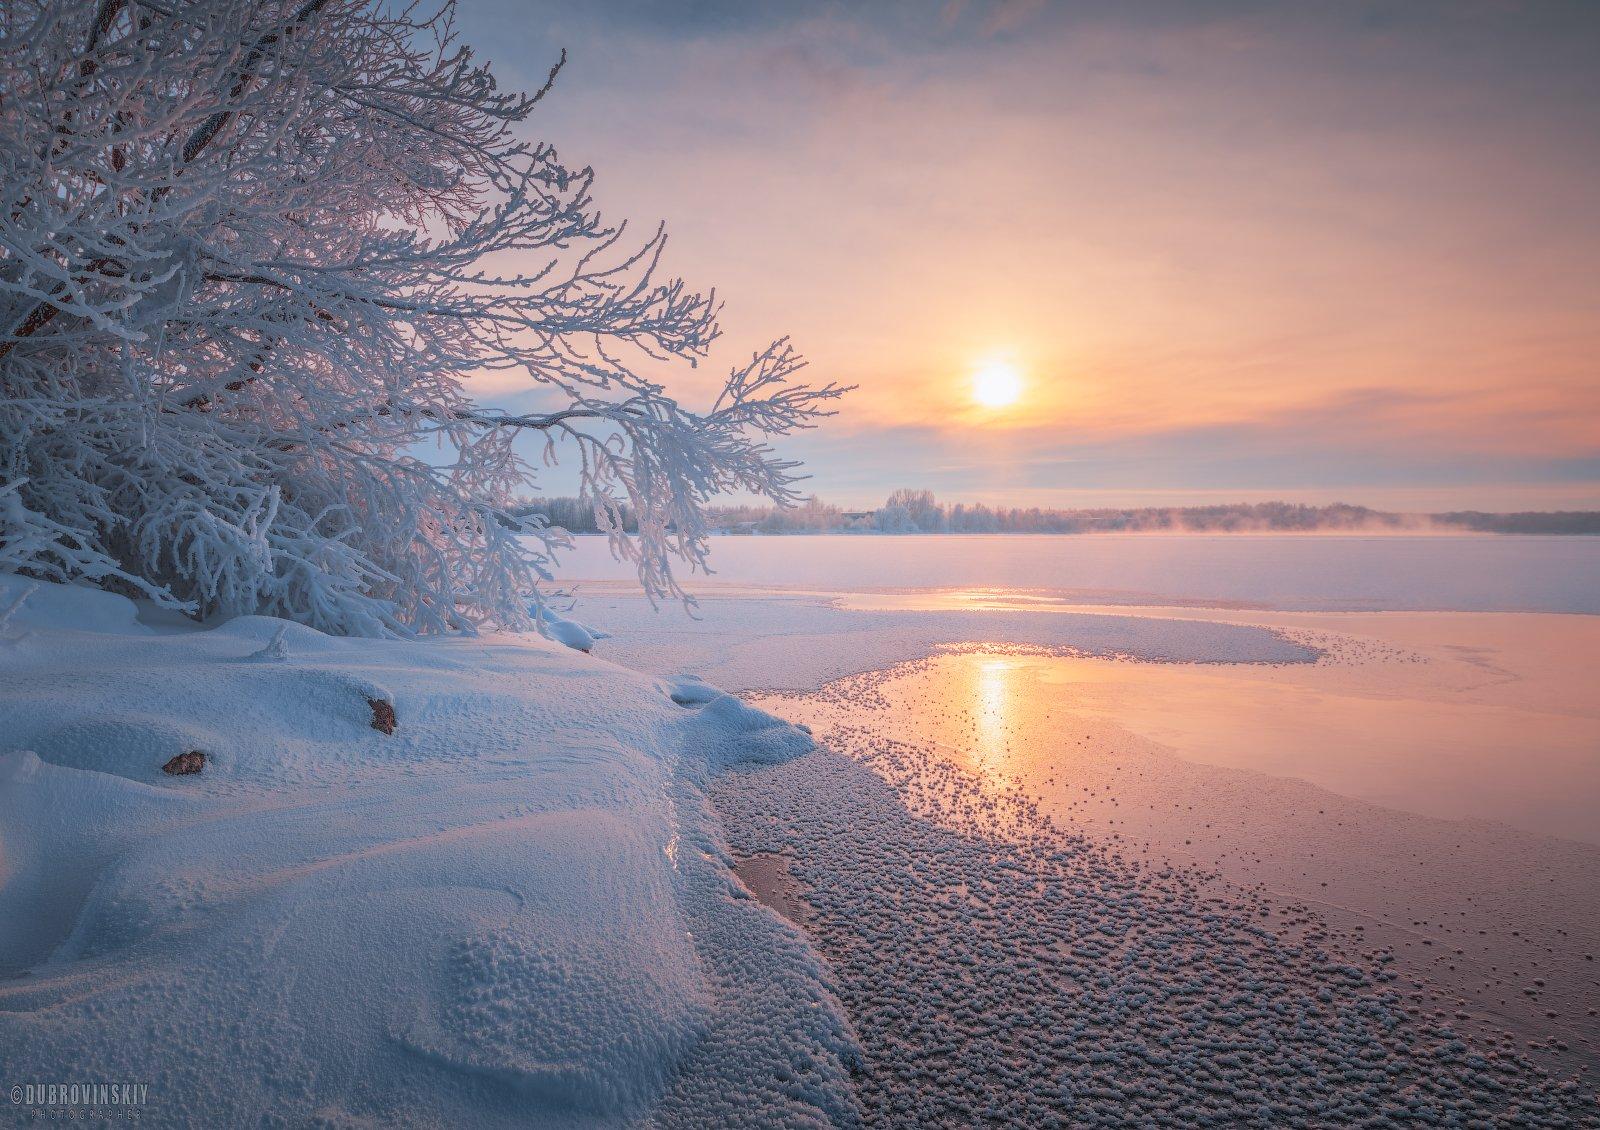 мороз, озеро, иней, рассвет, шатура, Дубровинский Михаил